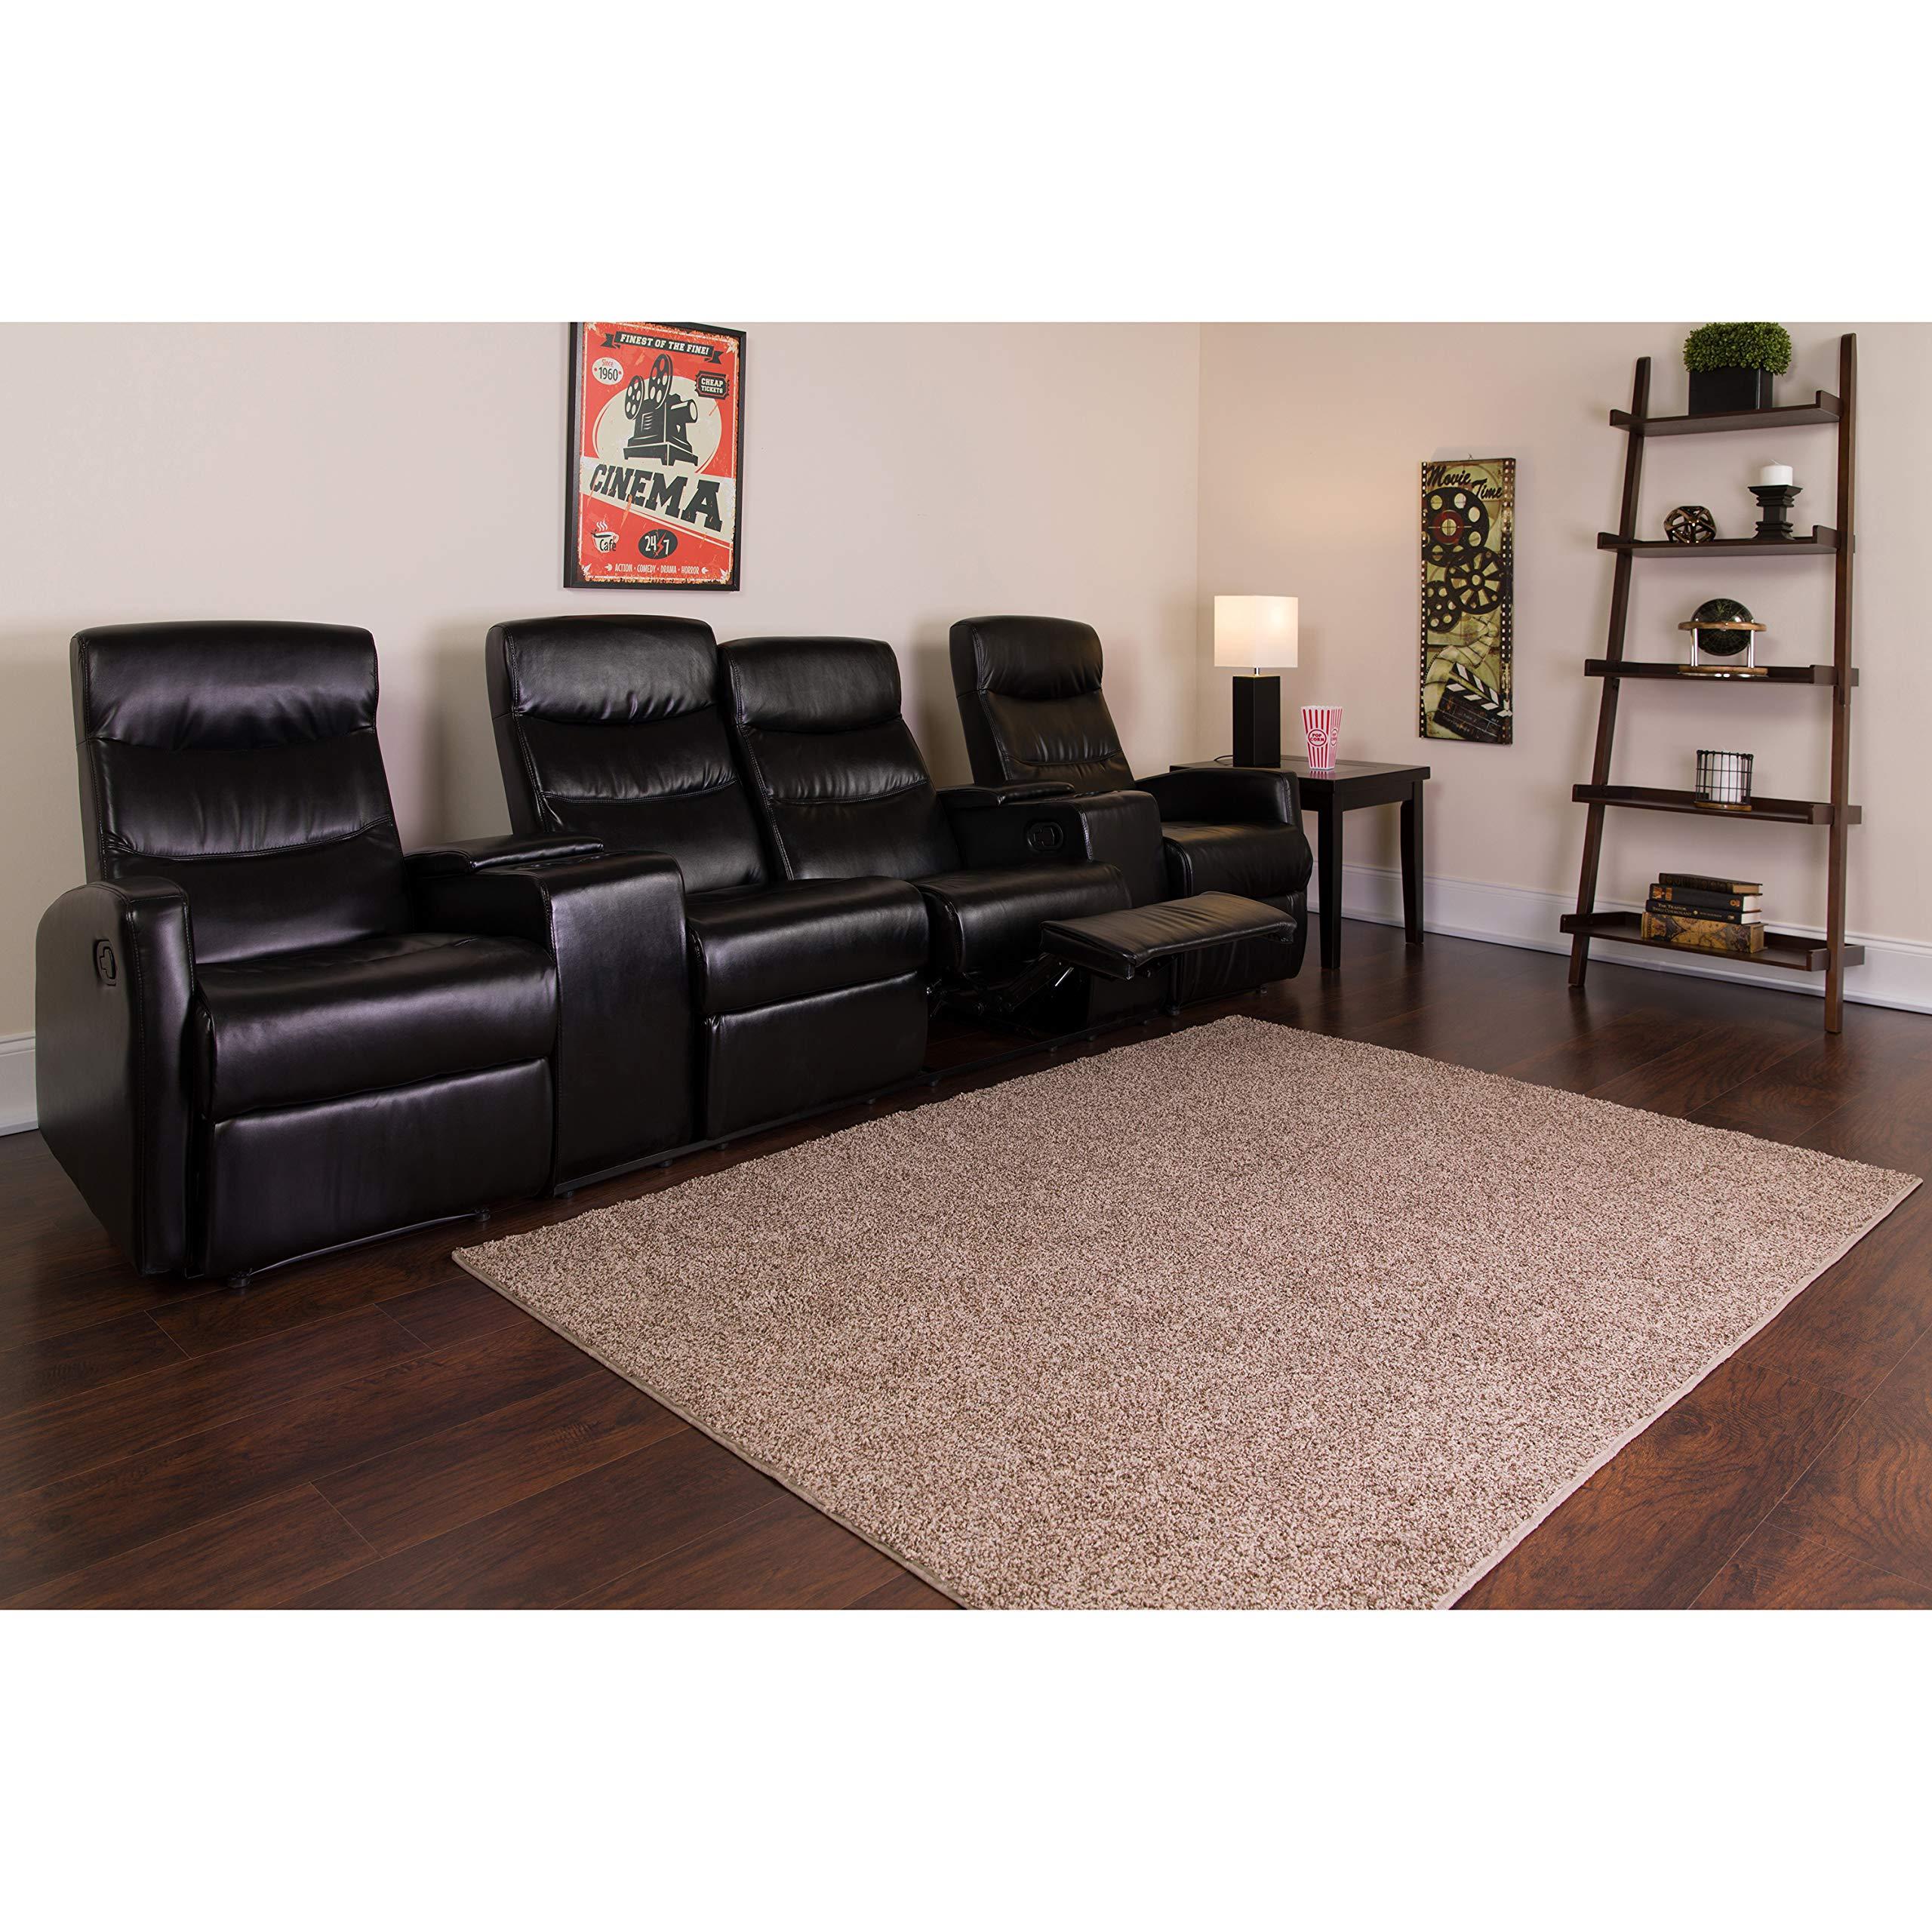 Flash Furniture Anetos Series 4-Seat Reclining